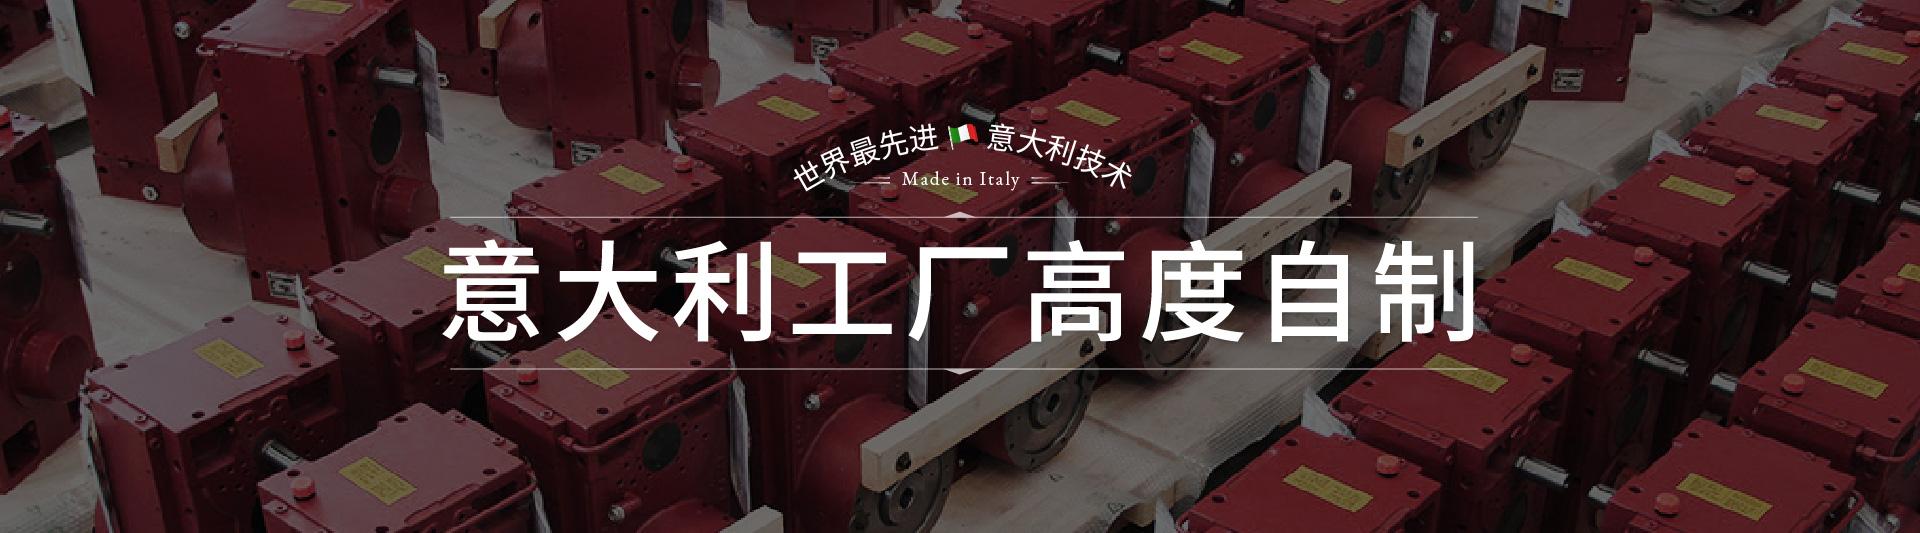 義大利工廠高度自製 世界最新進 義大利技術